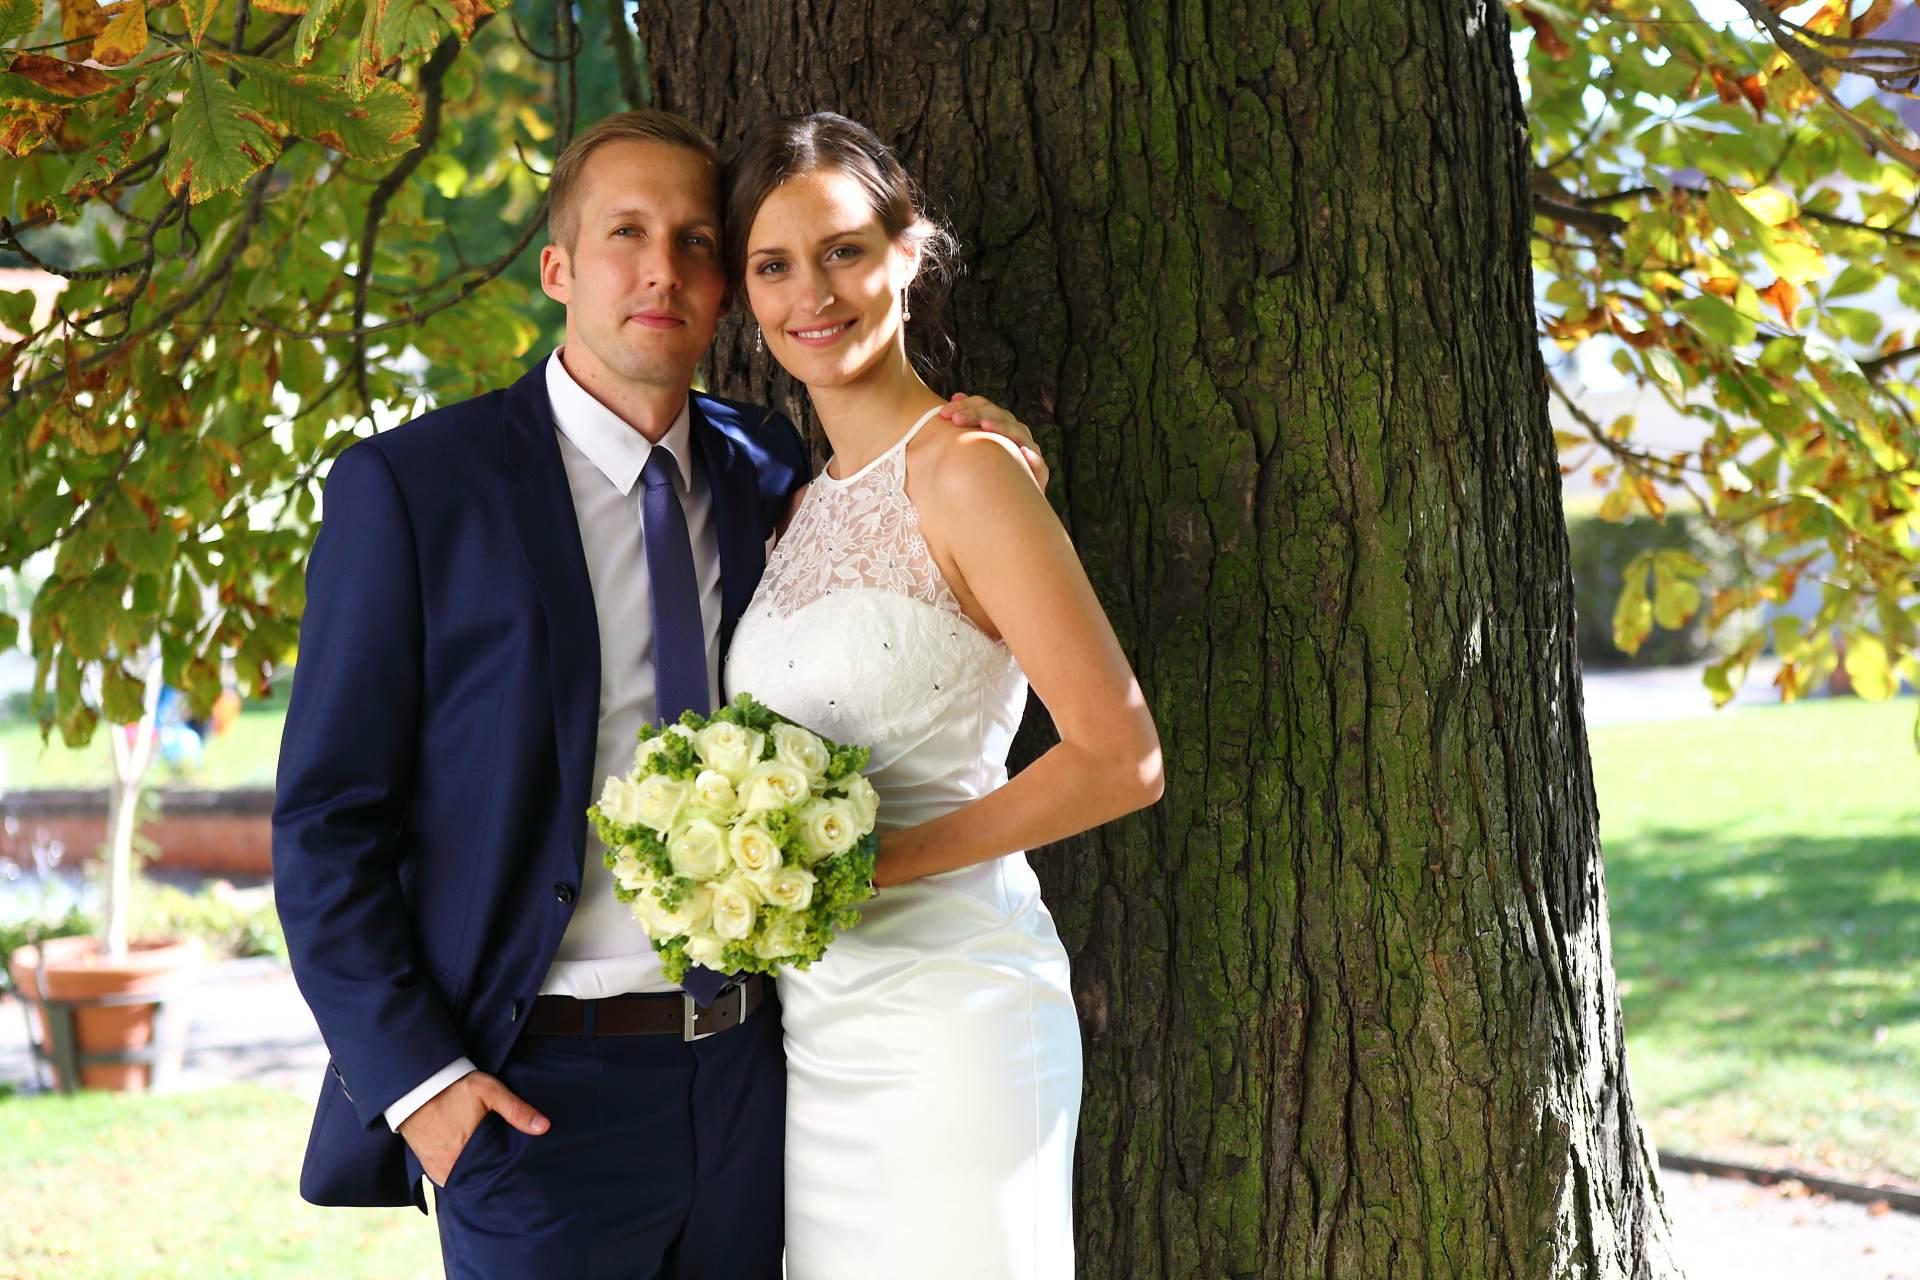 Hochzeitsfotos in Leipzig - Hochzeitspaar an einem Baum